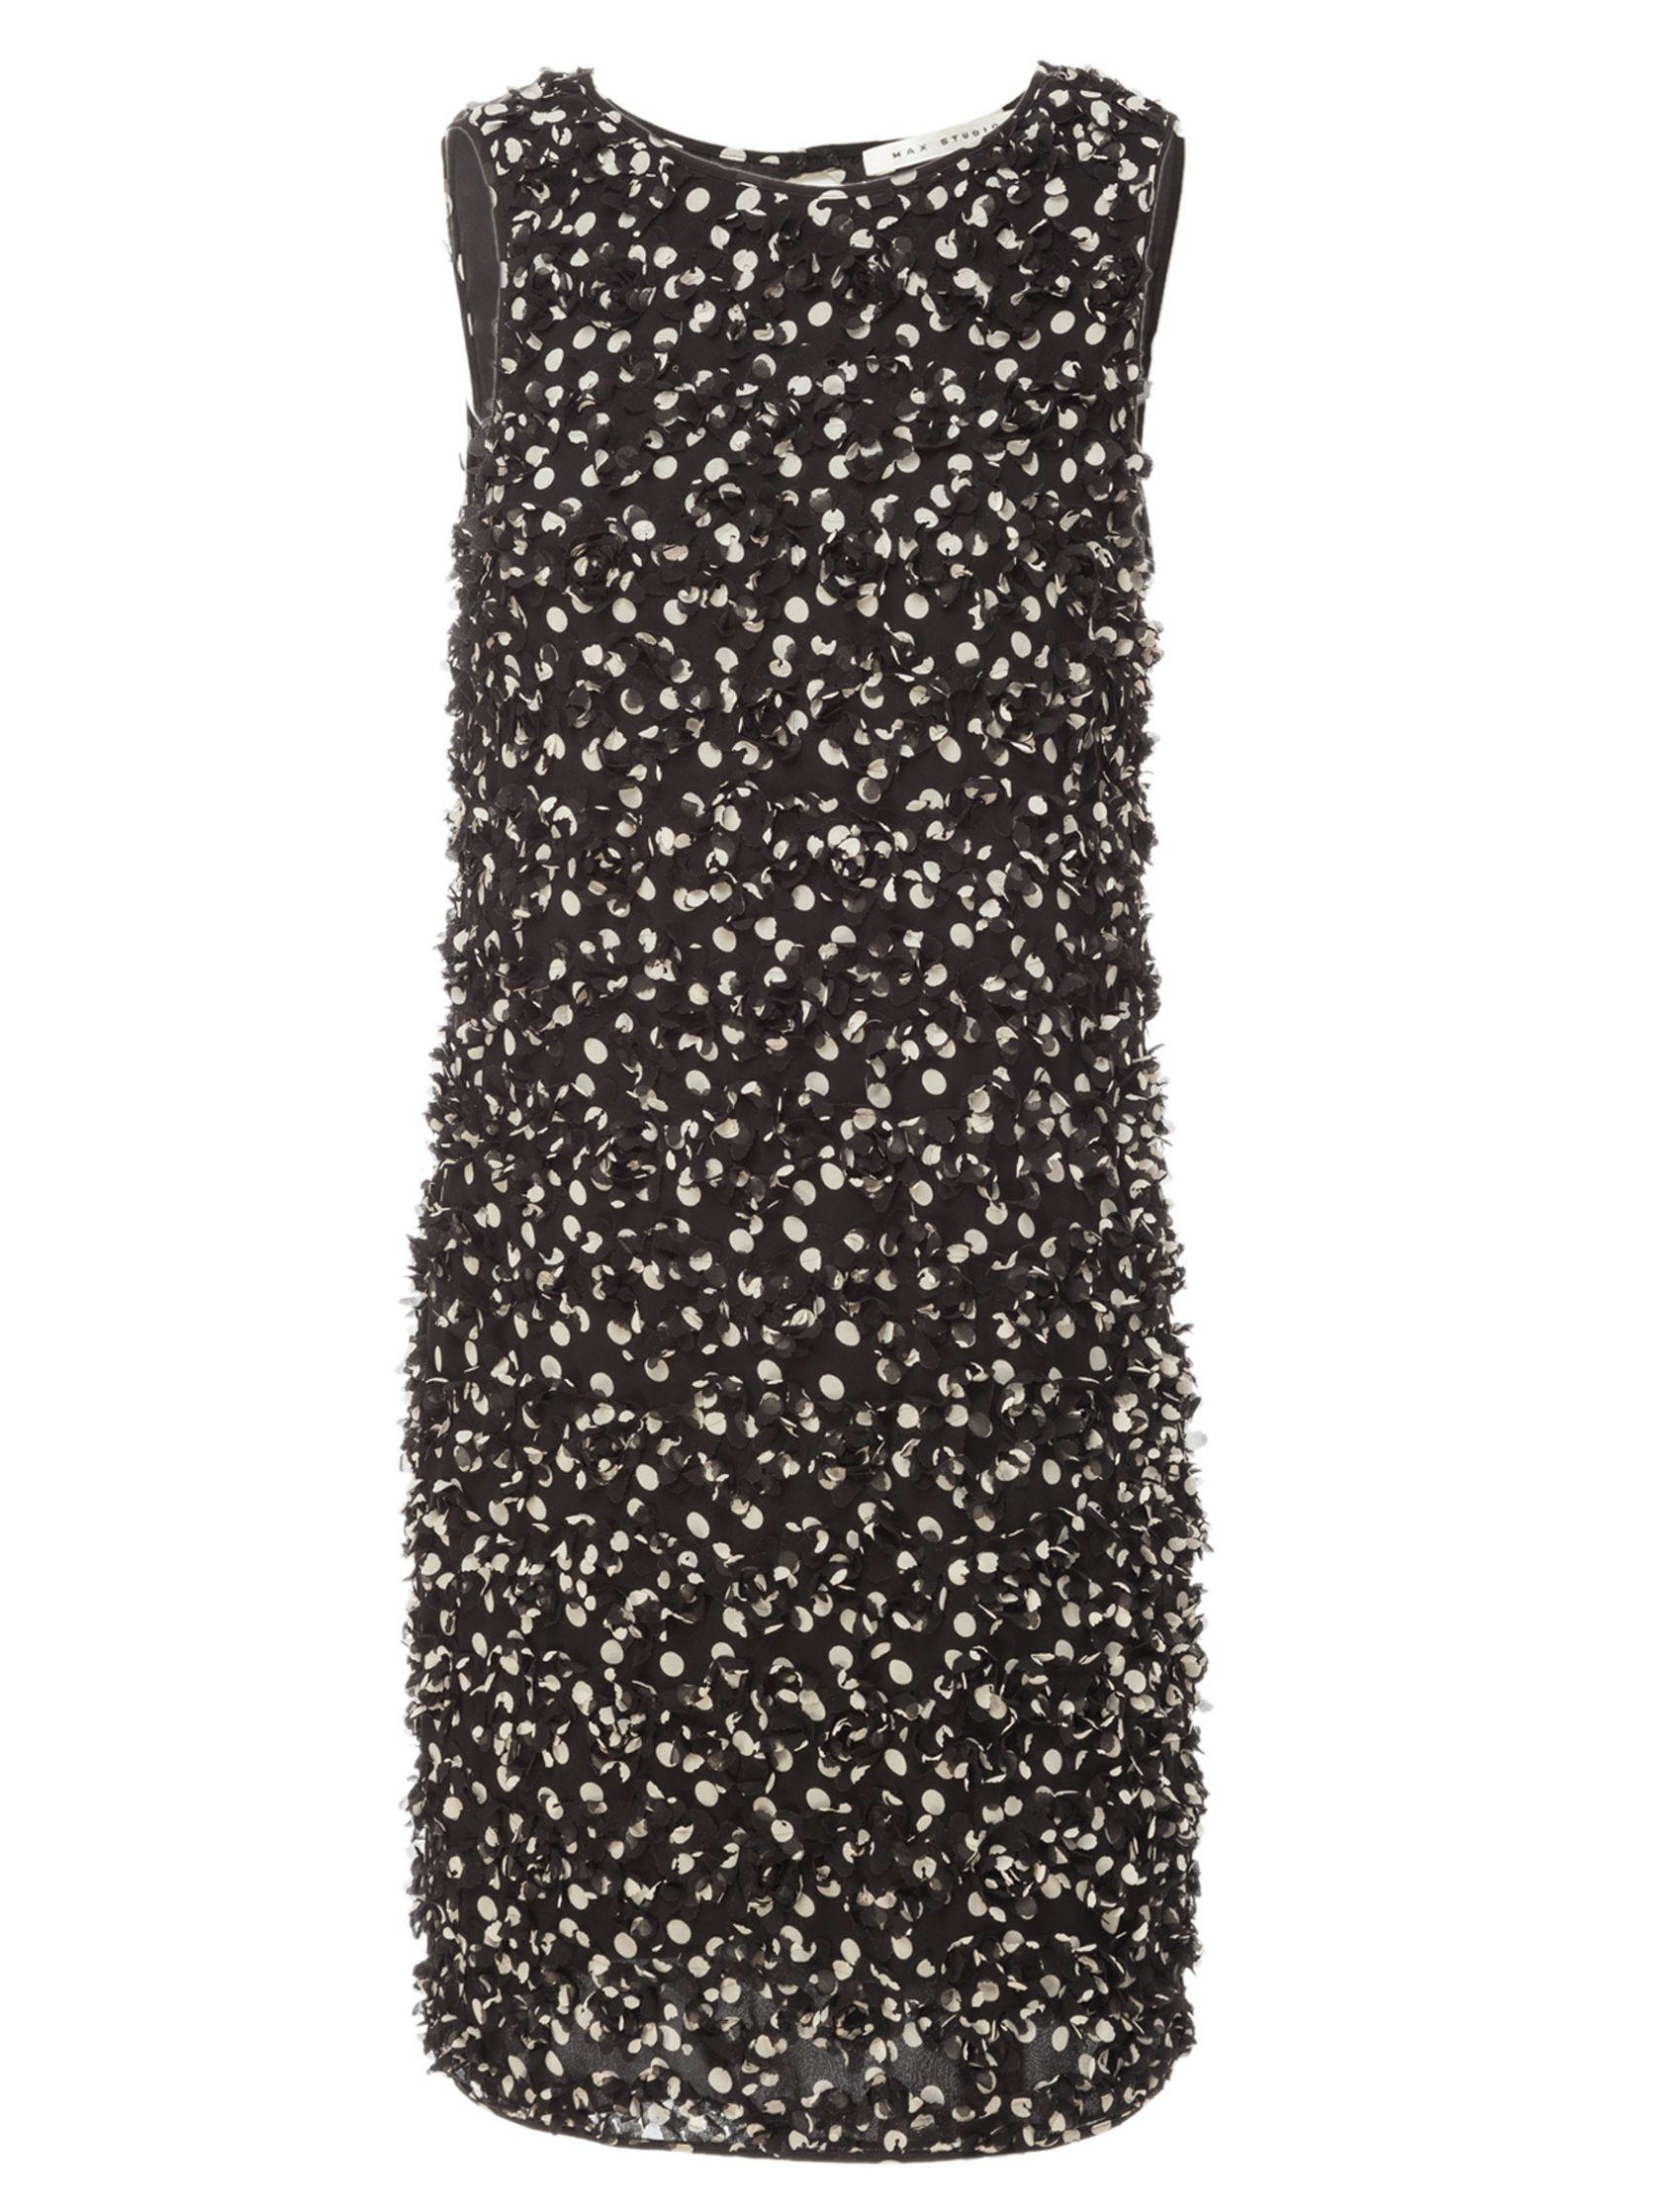 max studio sleeveless cut-work dress black/beige, max, studio, sleeveless, cut-work, dress, black/beige, max studio, xs|s, clearance, womenswear offers, womens dresses offers, women, womens dresses, special offers, 1619534